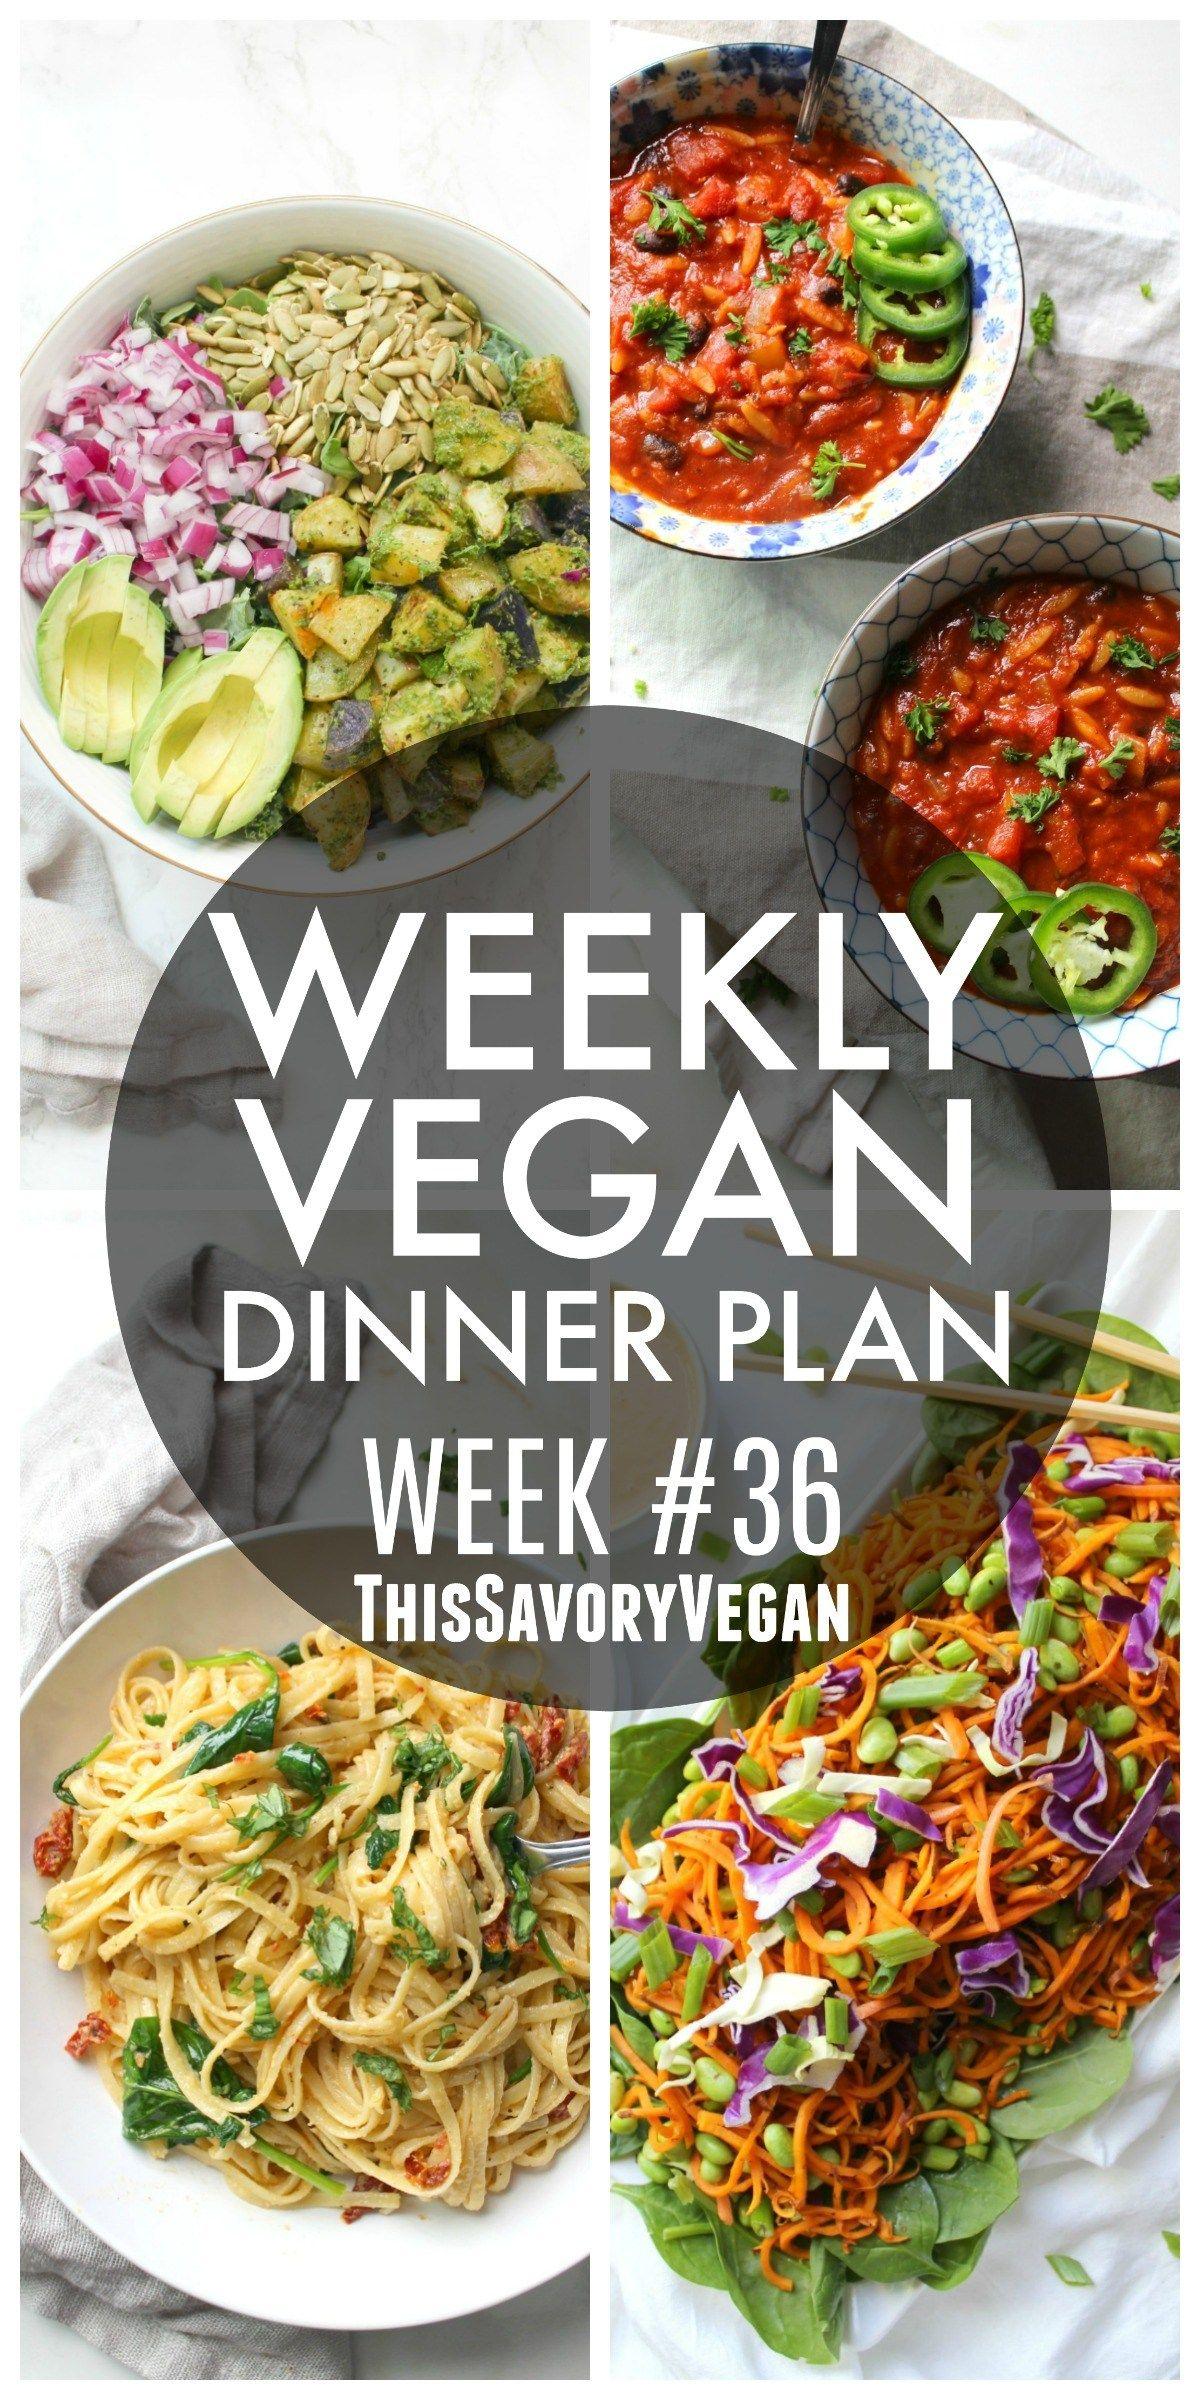 Weekly Vegan Dinner Plan 36 Recipe Food Drinks Vegan